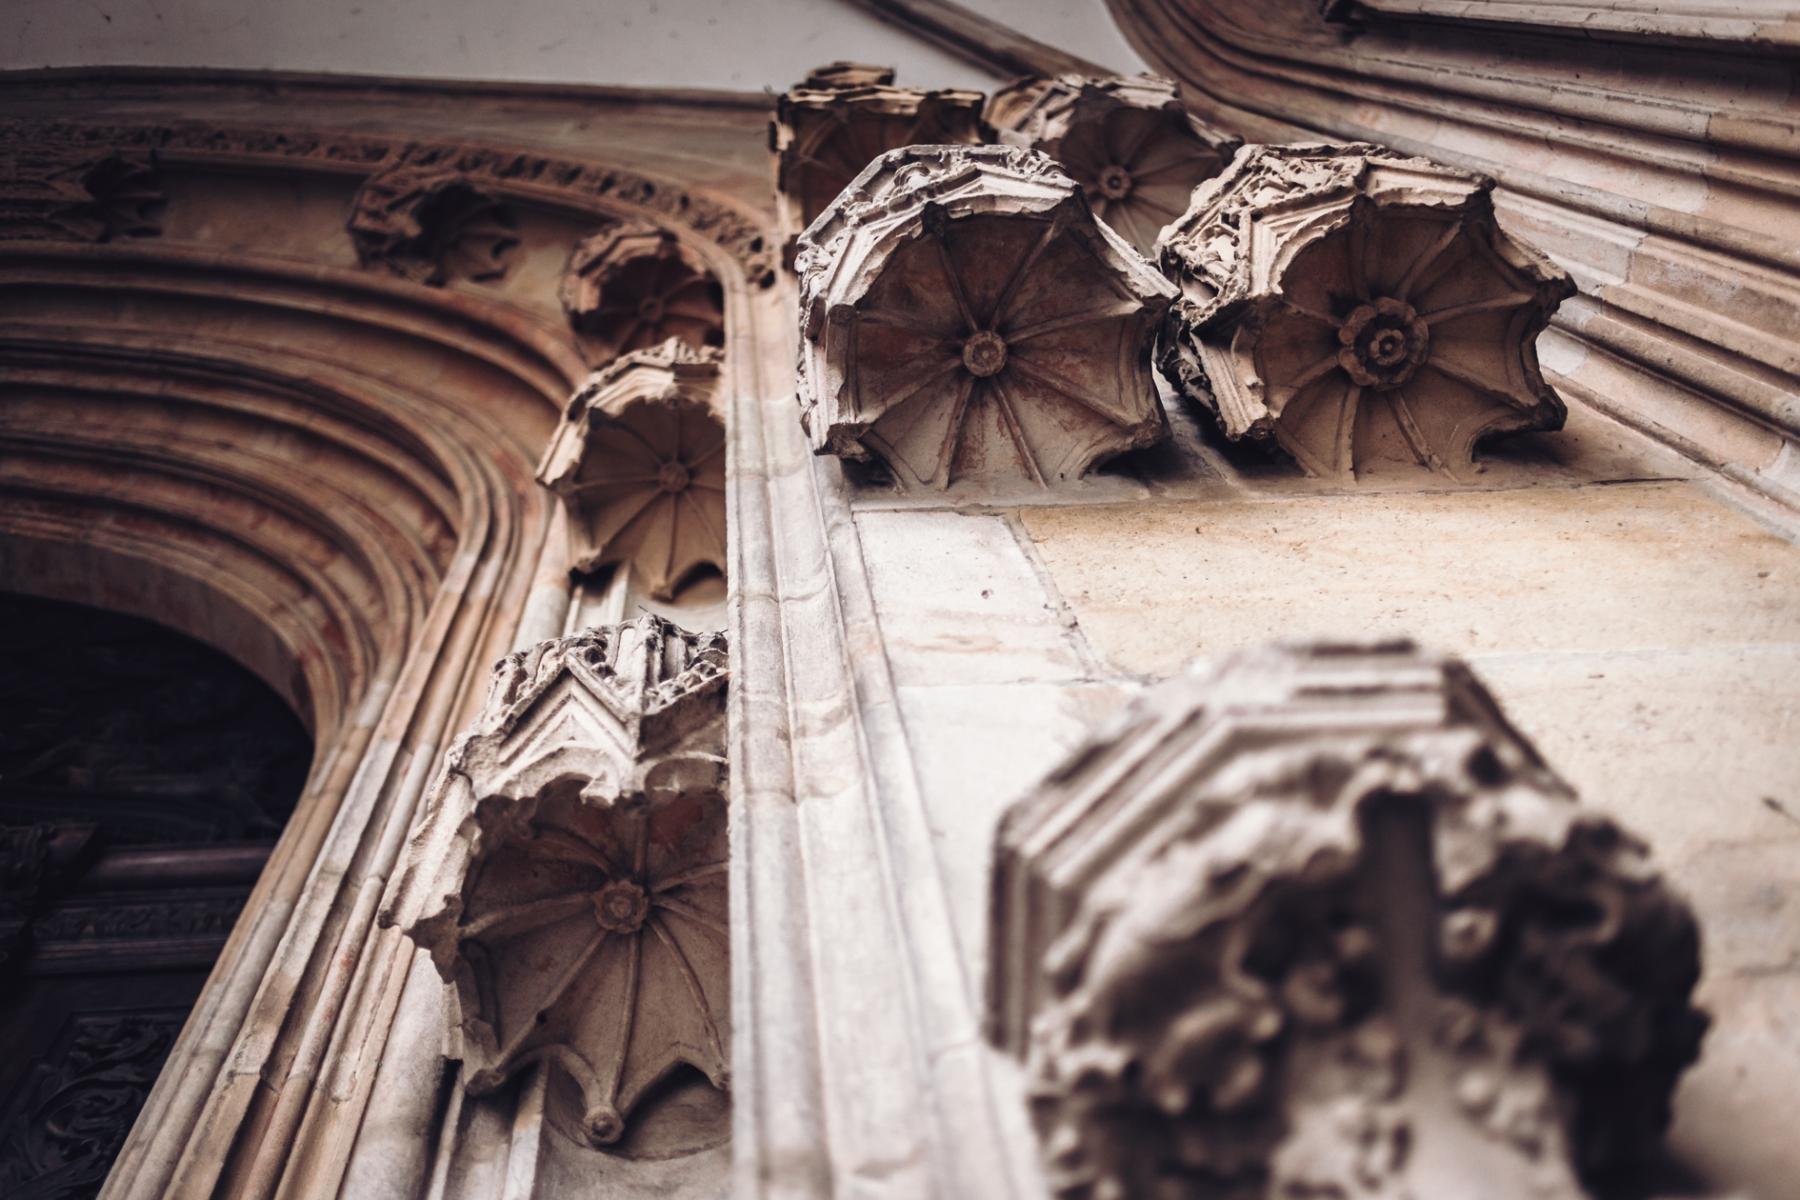 Rzygacze, maszkarony i spadająca głowa - Katedra Wrocławska w detalach [FOTOSPACER]